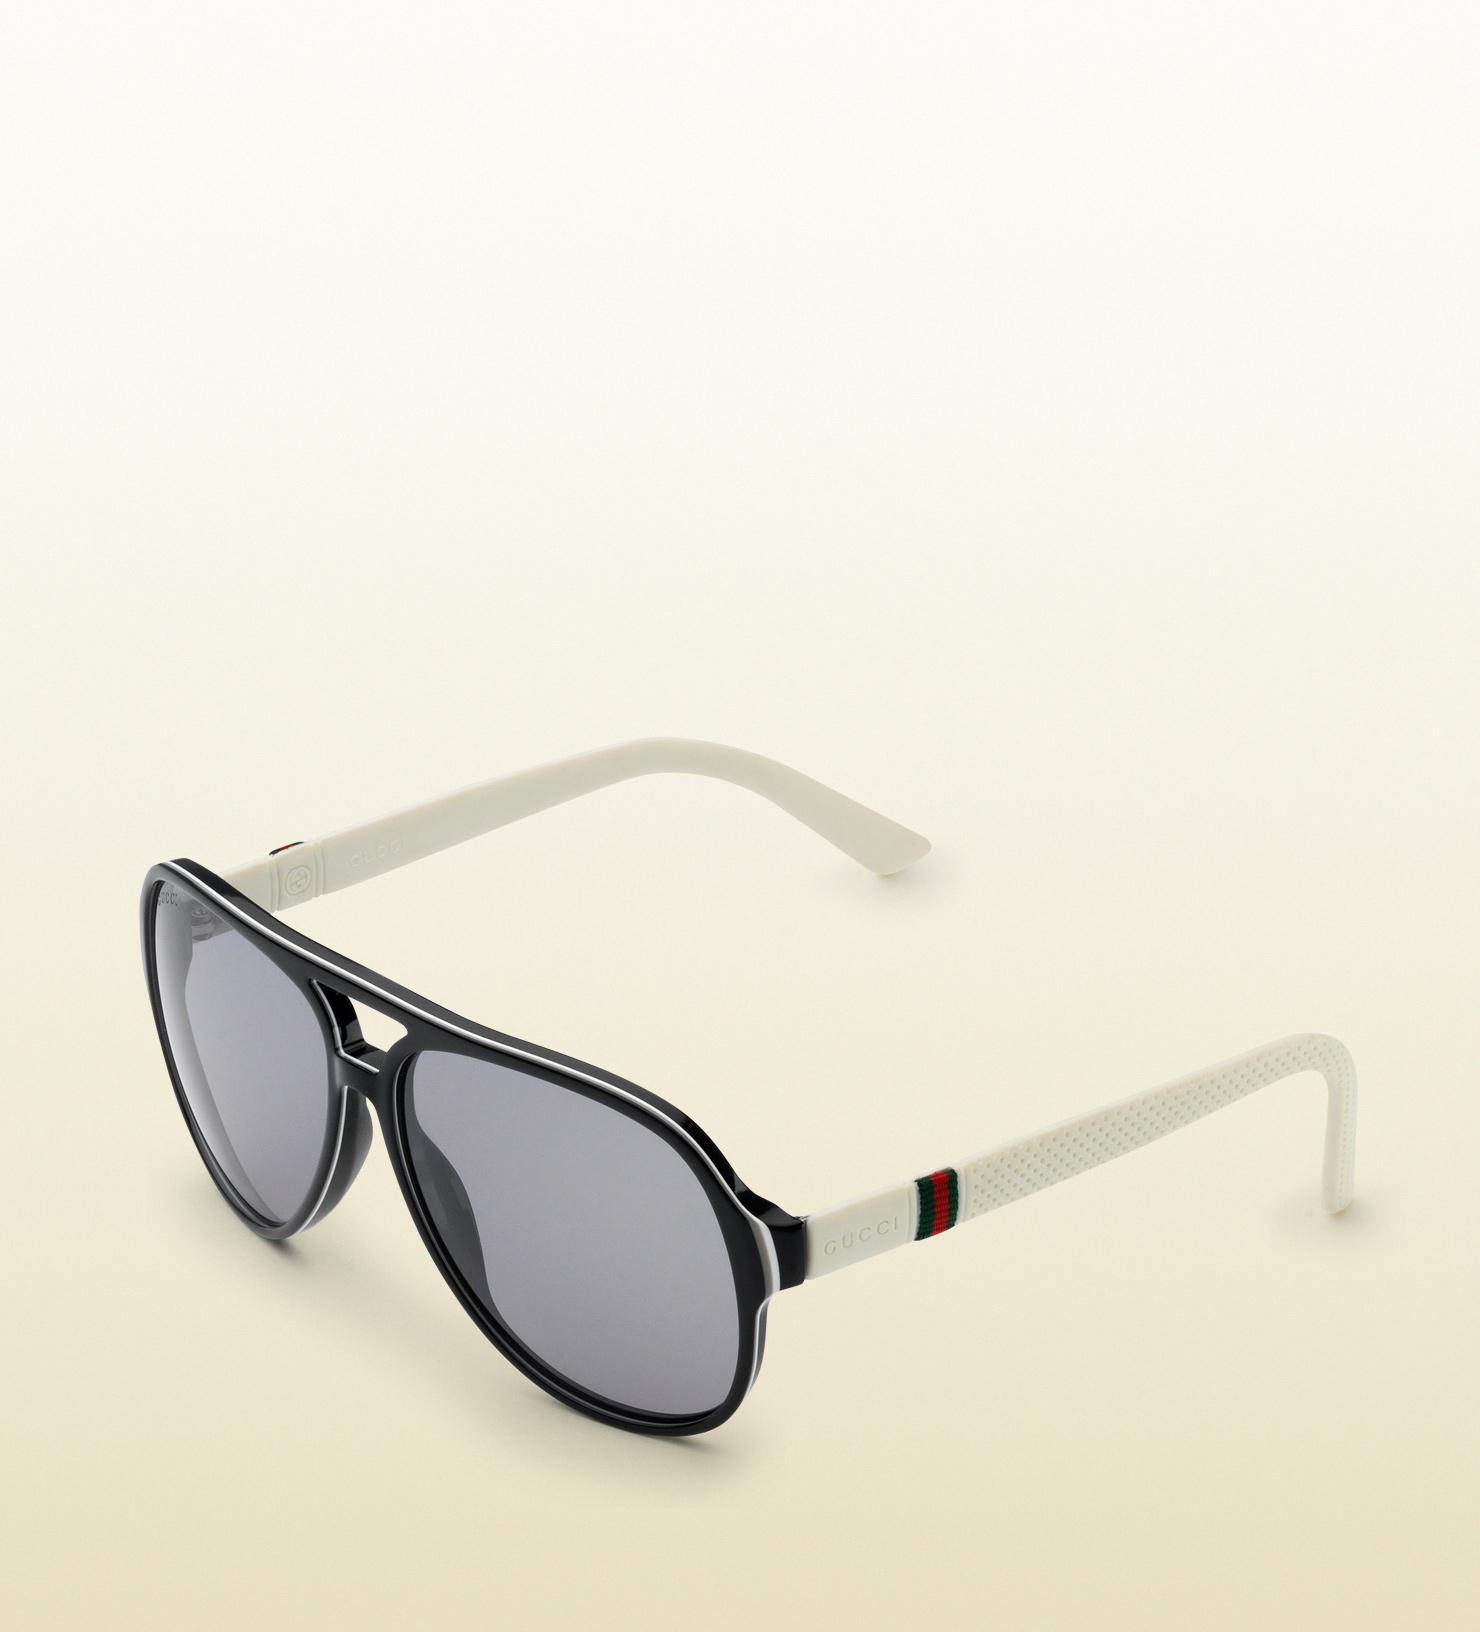 e3d7892f5e1 Gucci Acetate Aviator Sunglasses « Heritage Malta